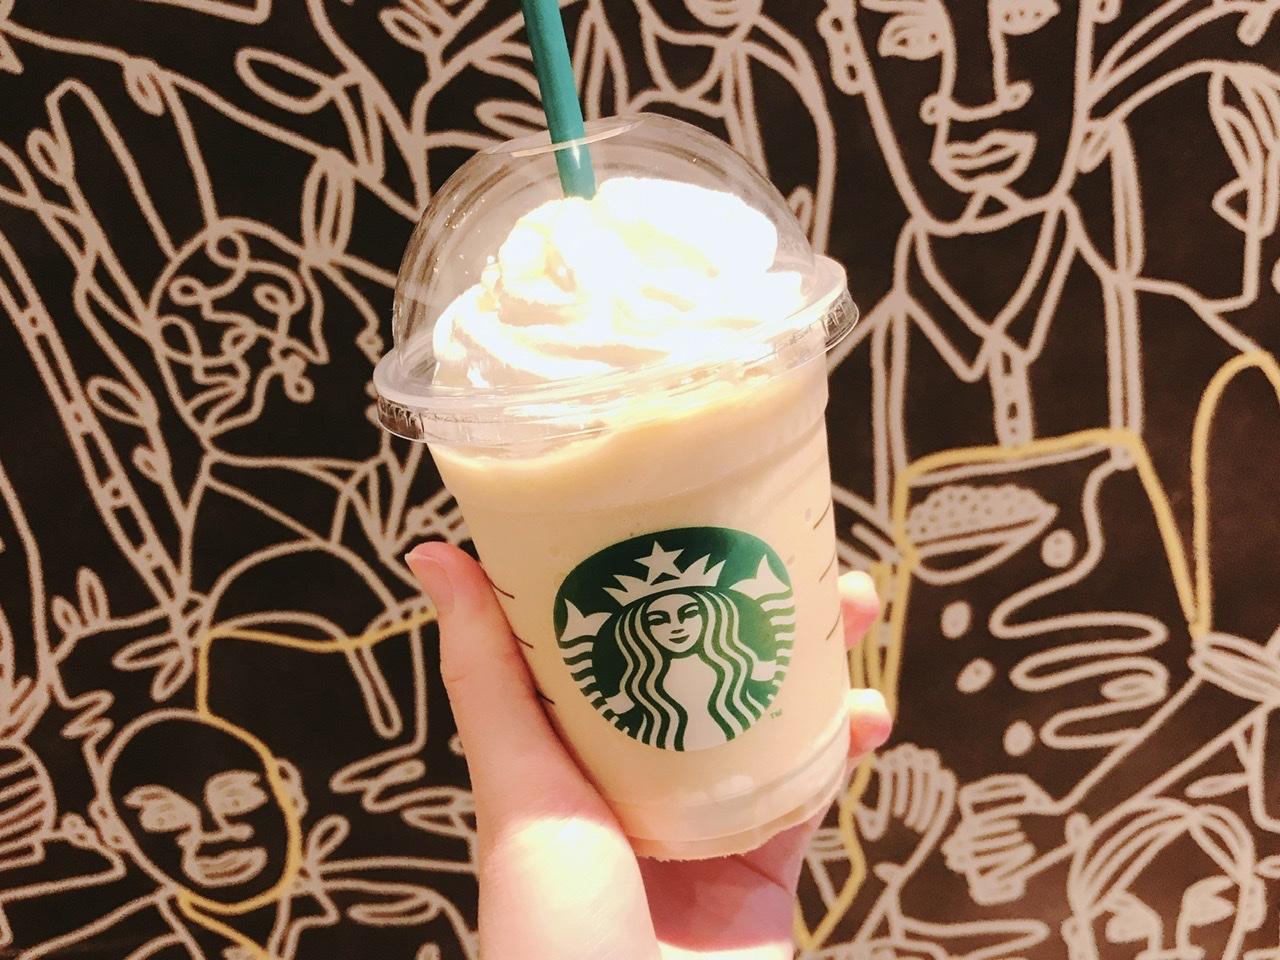 【スタバ】《ほうじ茶ドリンク》が期間限定メニュー欠品中だけ飲める幸せ♡_2